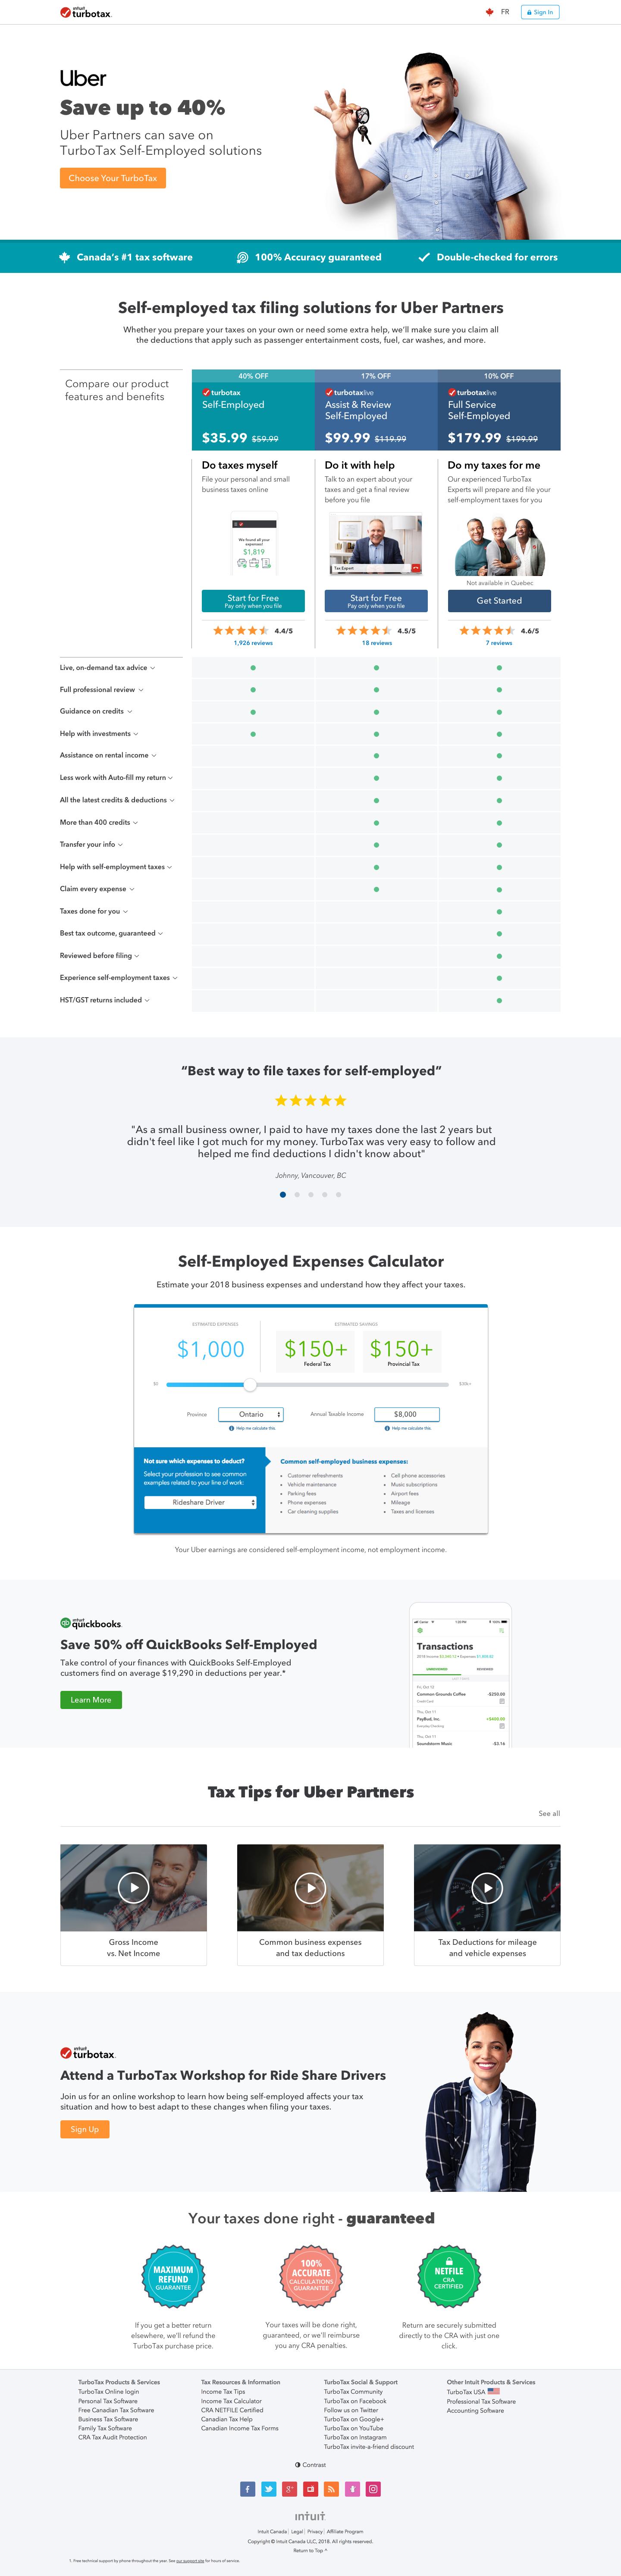 [SE] Strategic Partner Landing Page Template-UBER -Final